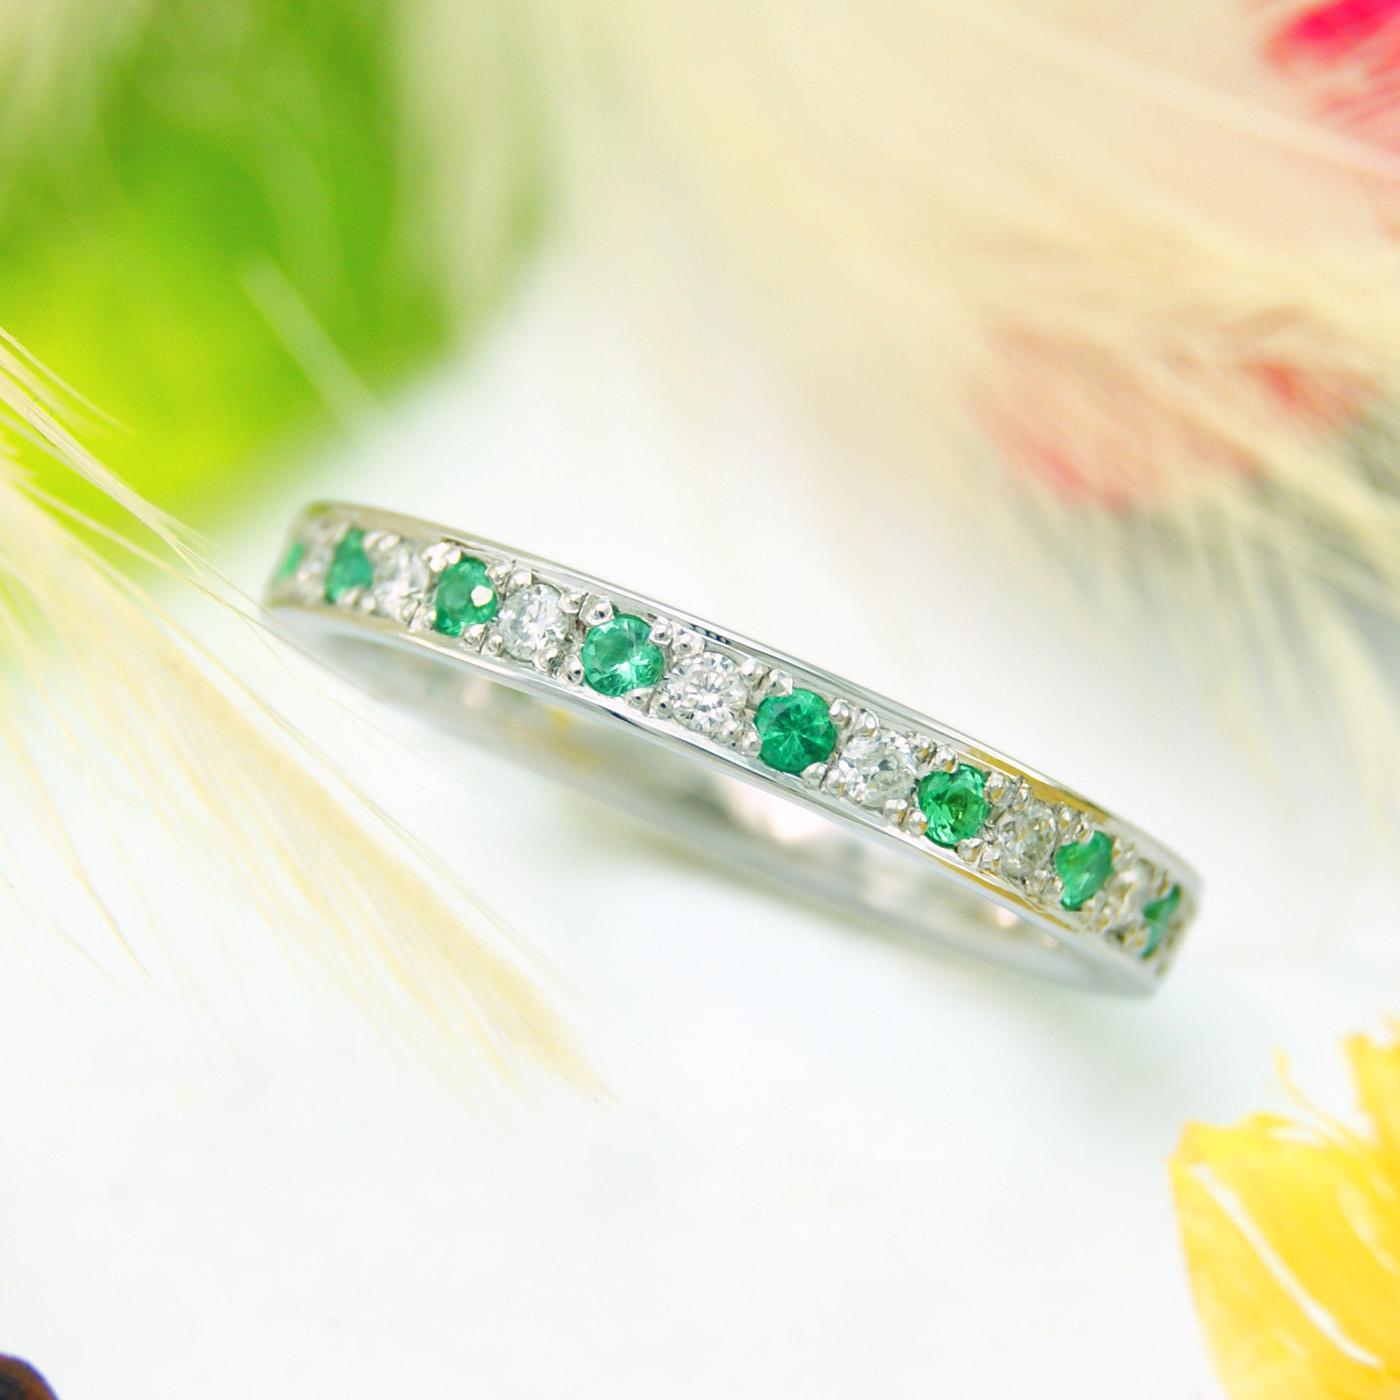 結婚30周年記念のダイヤモンドとエメラルドを使ったエタニティリング